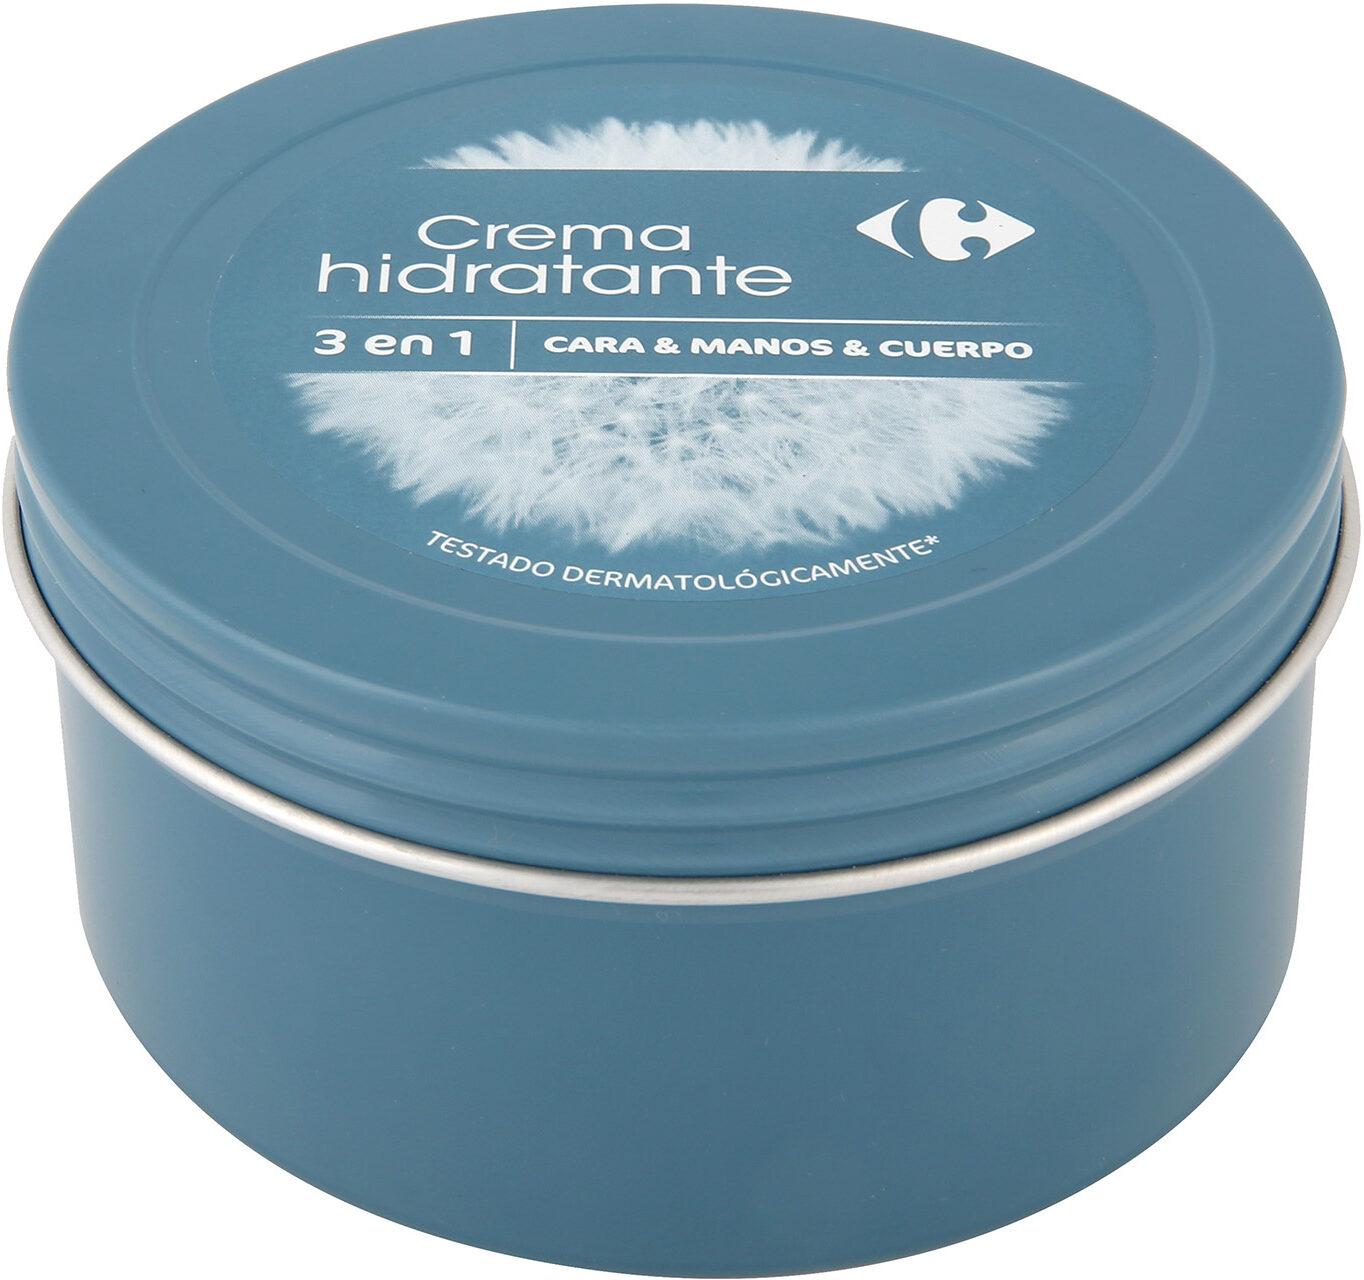 Crema manos cara cuerpo lata - Product - es